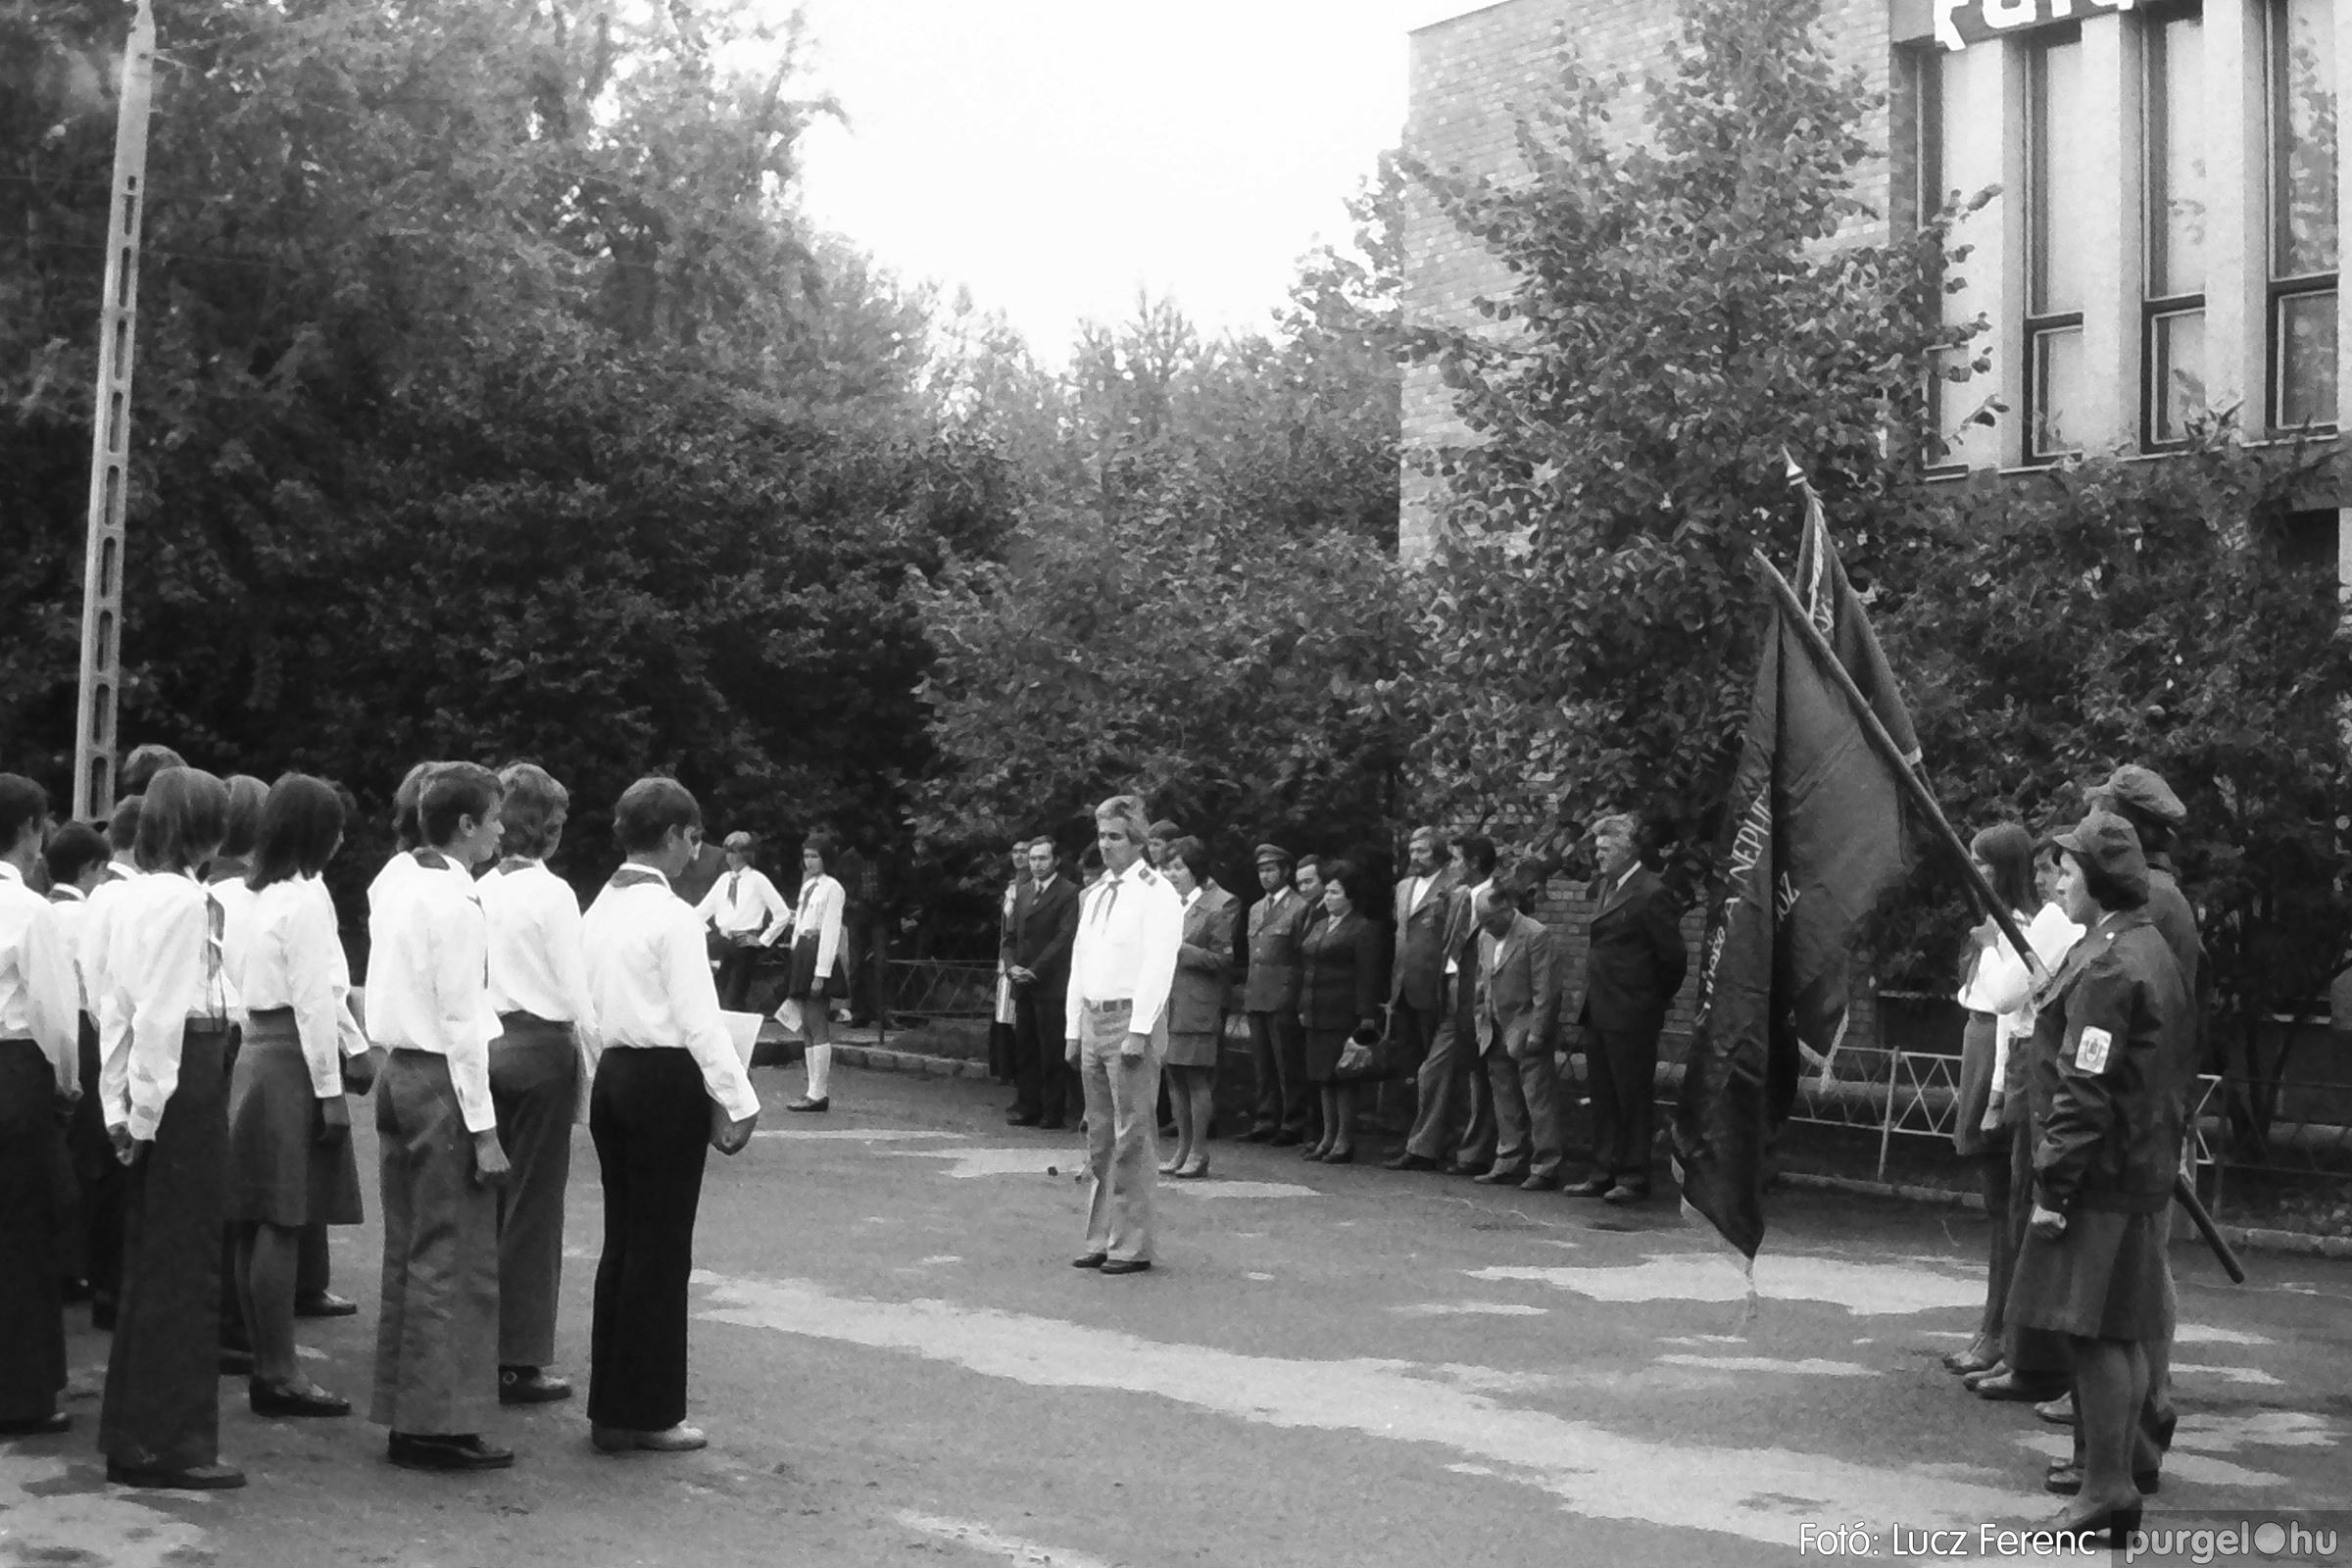 090. 1977. Úttörő gárda - ifjú gárda seregszemle 023. - Fotó: Lucz Ferenc.jpg